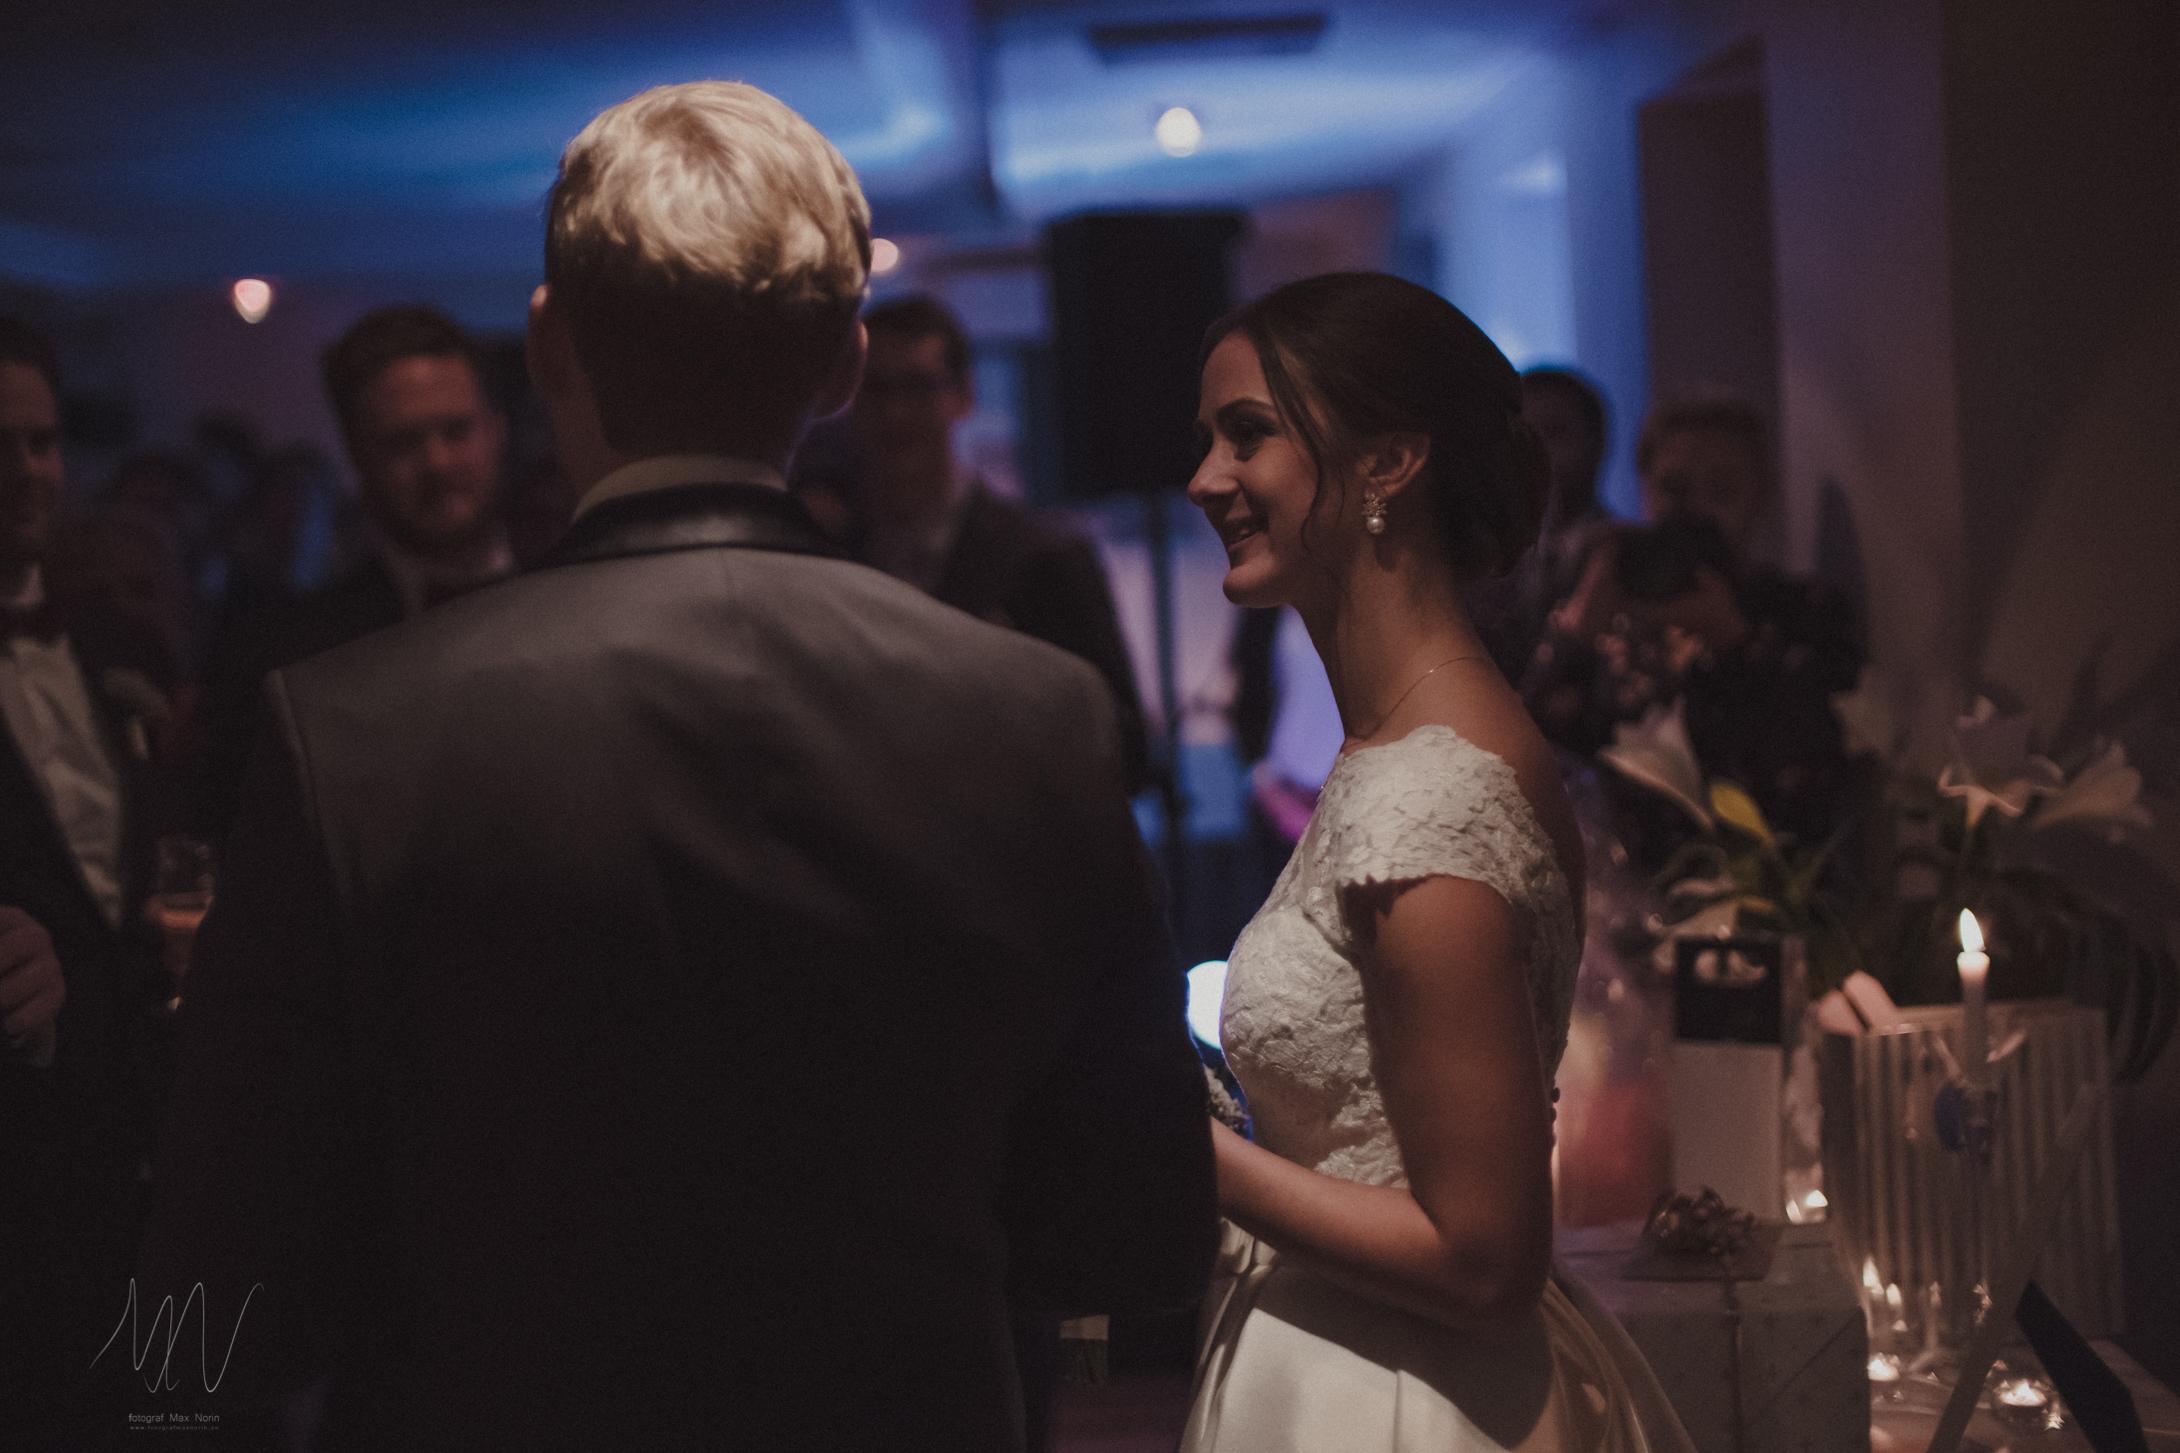 bröllopsfoto-fotograf-max-norin-319.jpg